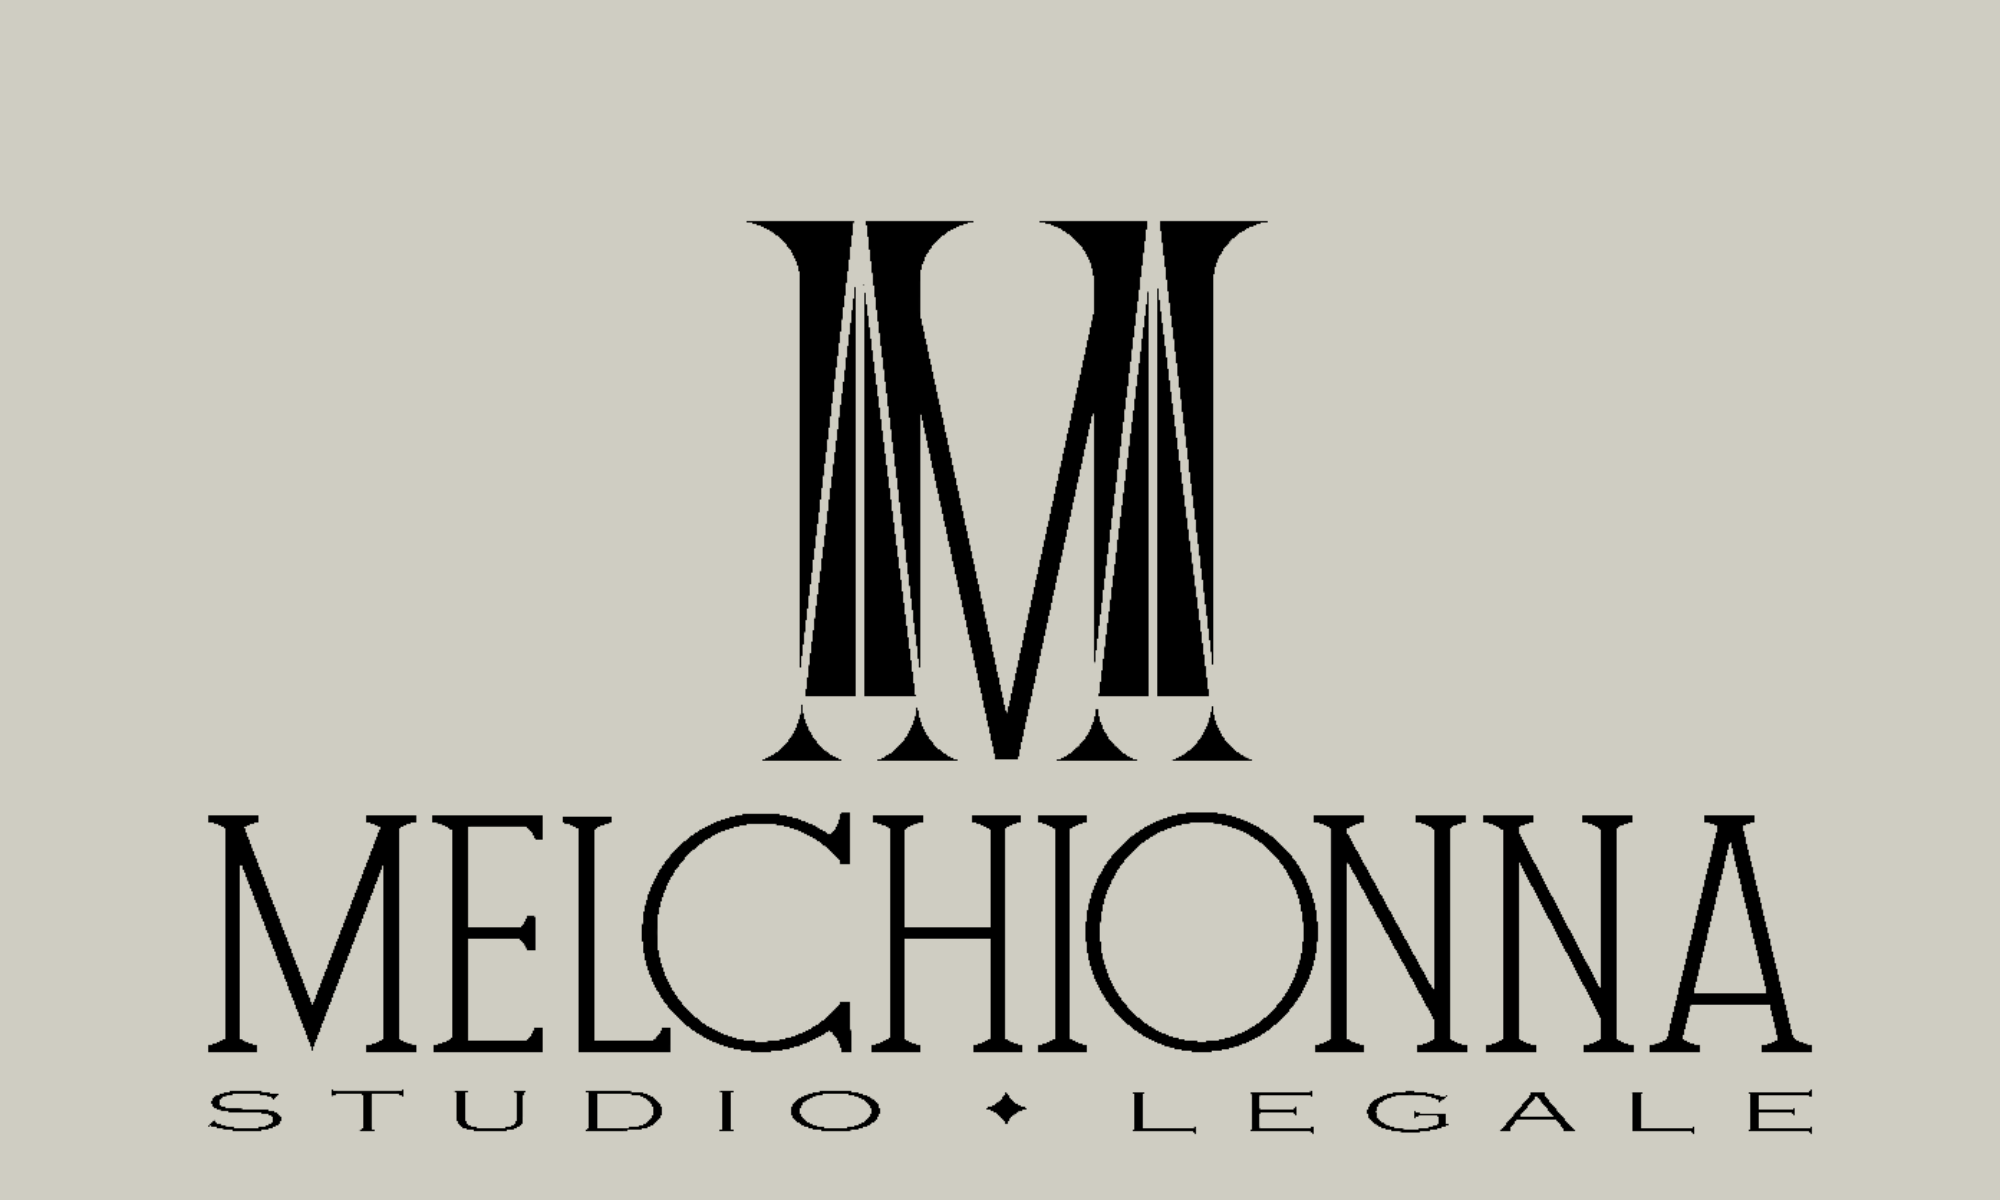 Avv. MELCHIONNA